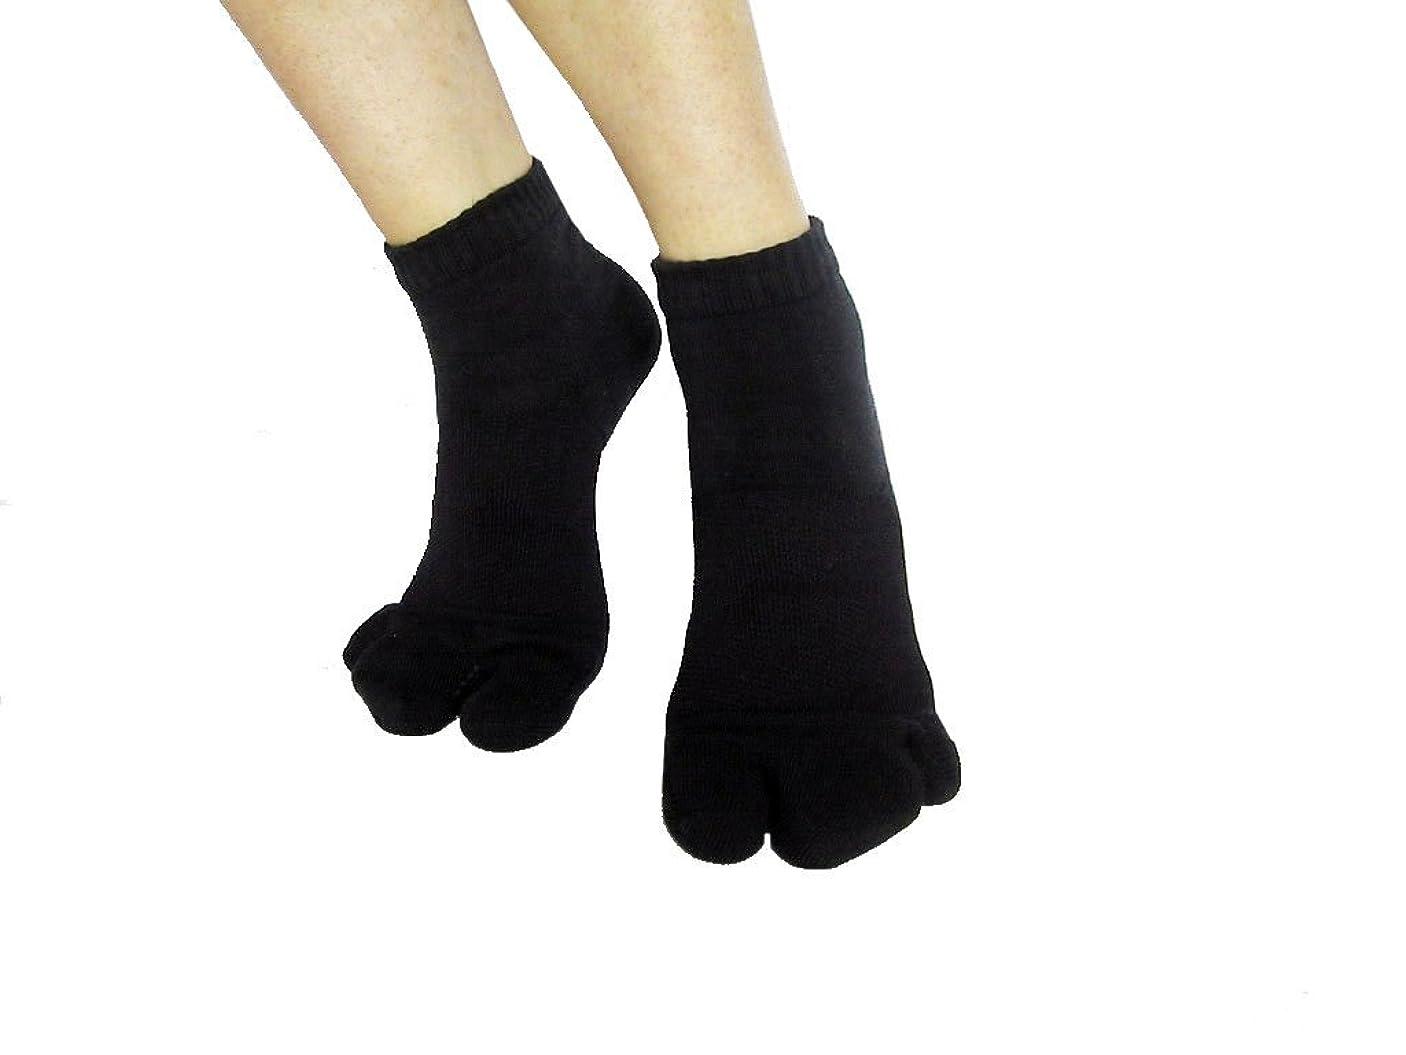 消すジュニアホームカサハラ式サポーター ホソックス3本指 テーピング靴下 ブラック M23.5-23.5cm